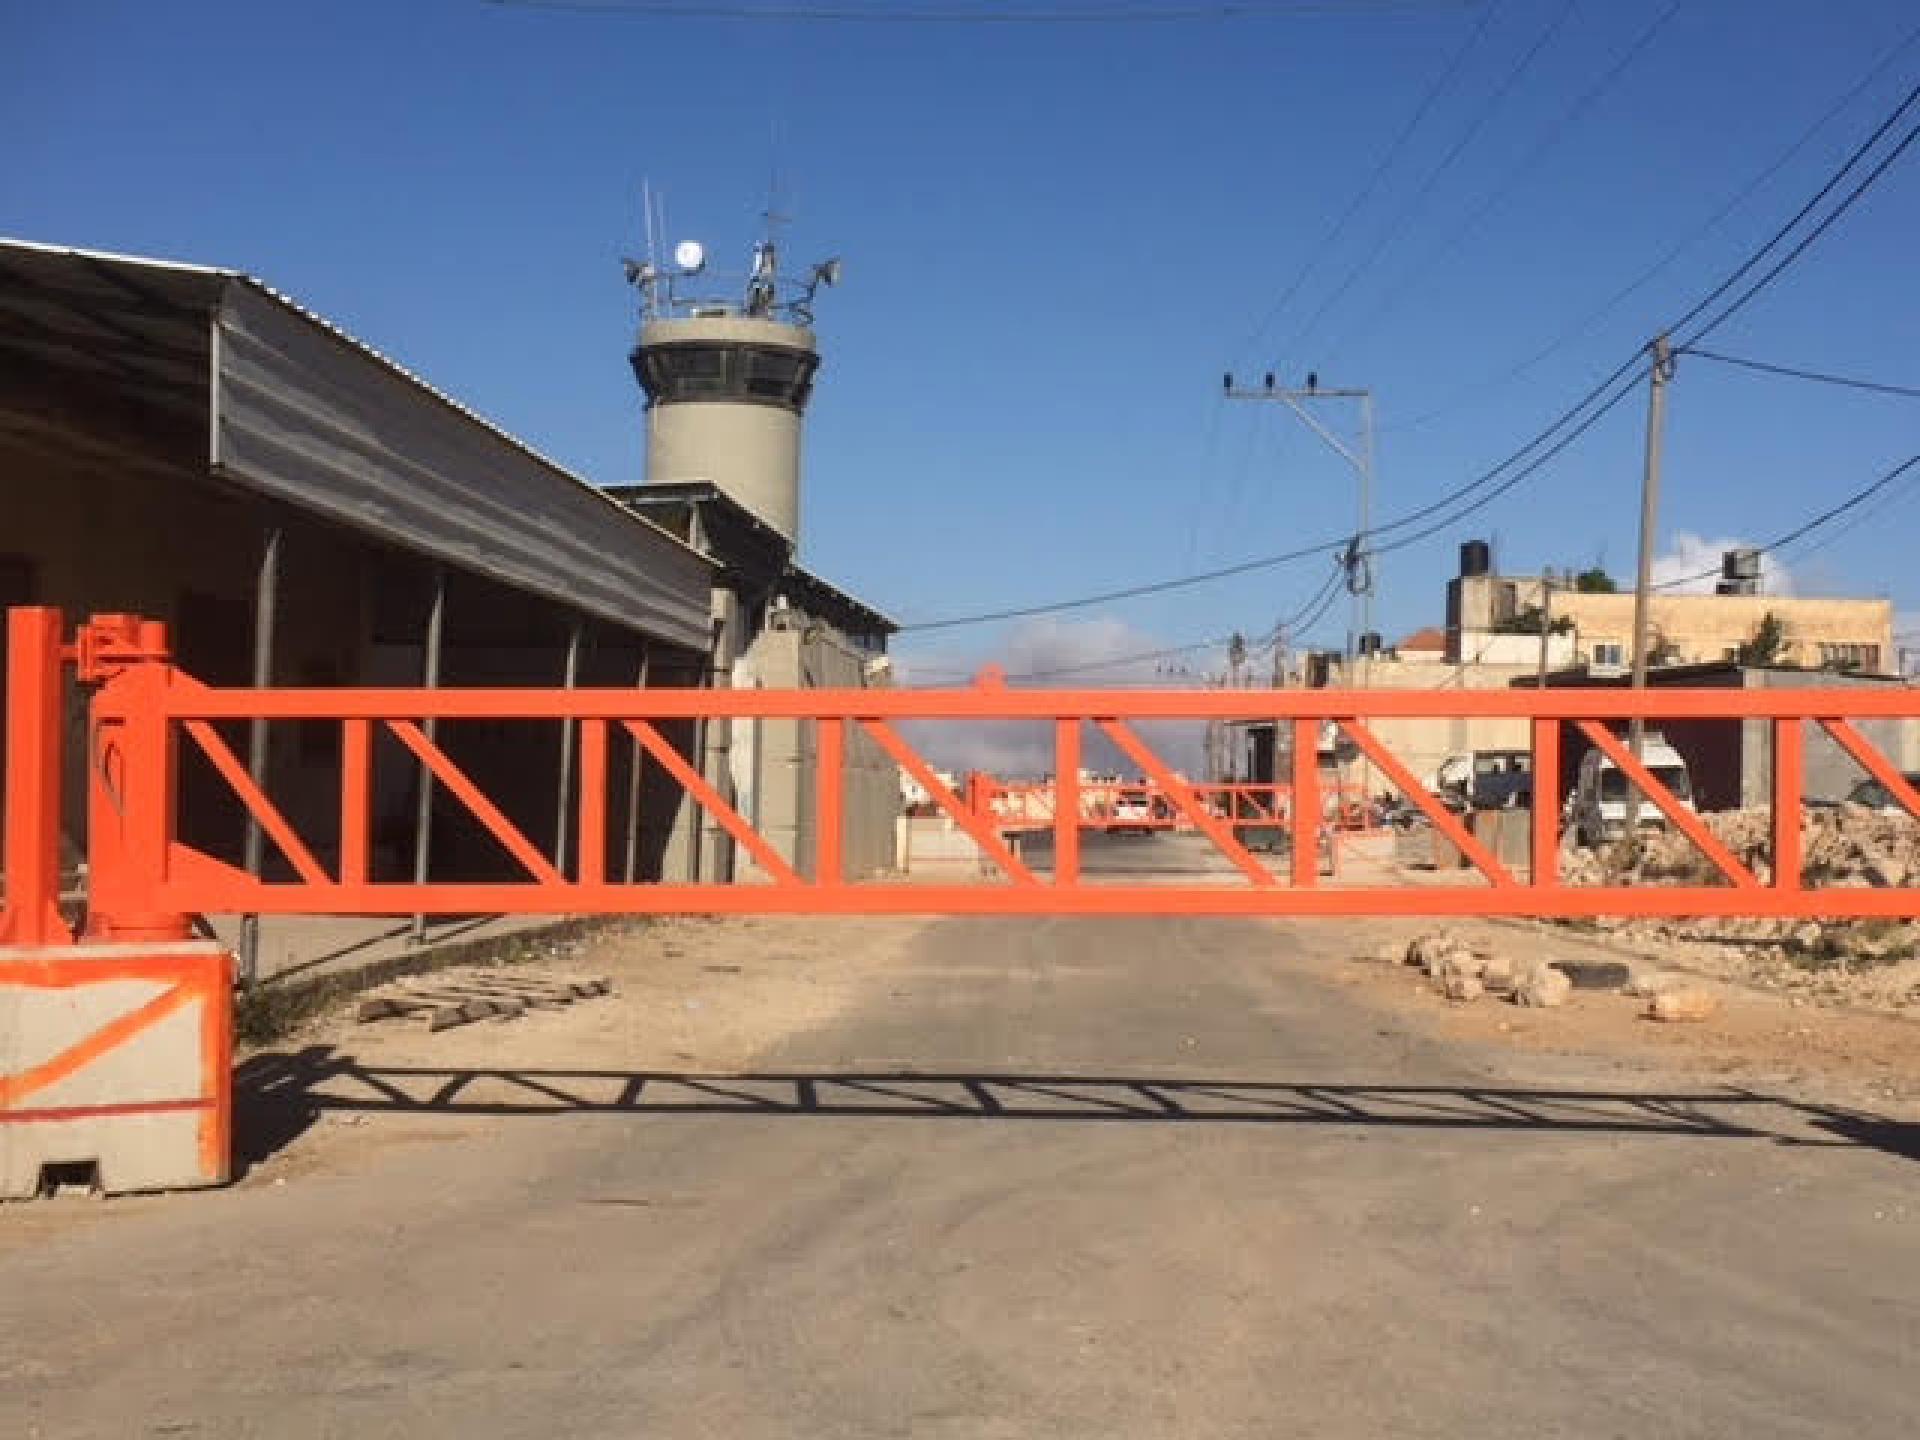 The gates at Hursa